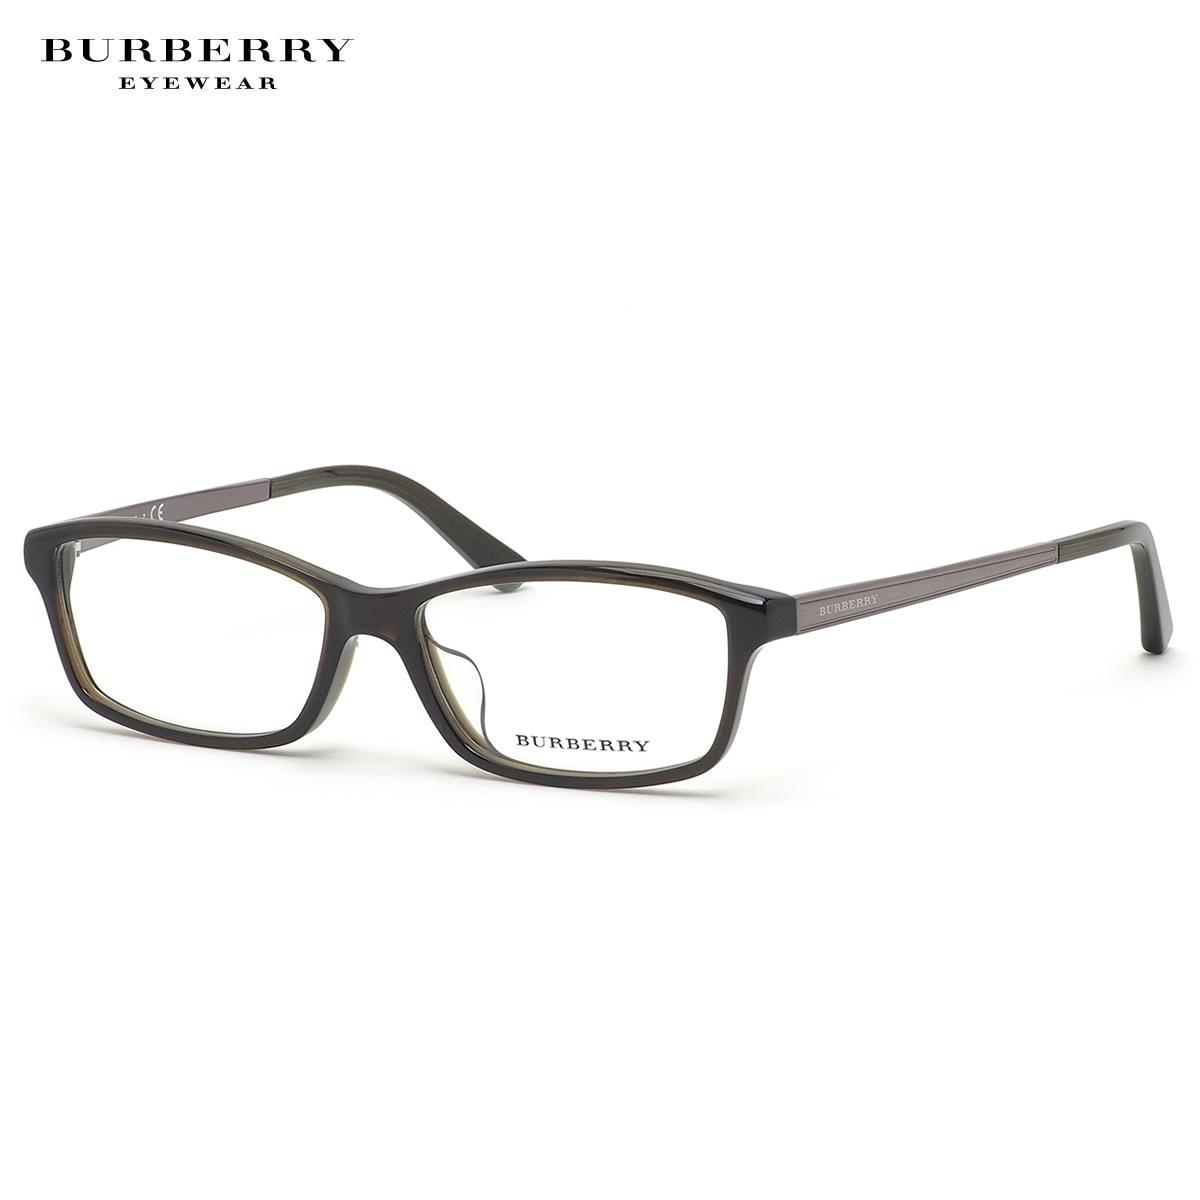 バーバリー BURBERRY メガネ BE2217D 3010 55サイズ アジアンフィット アジアフィット シンプル スマート バーバリー BURBERRY メンズ レディース